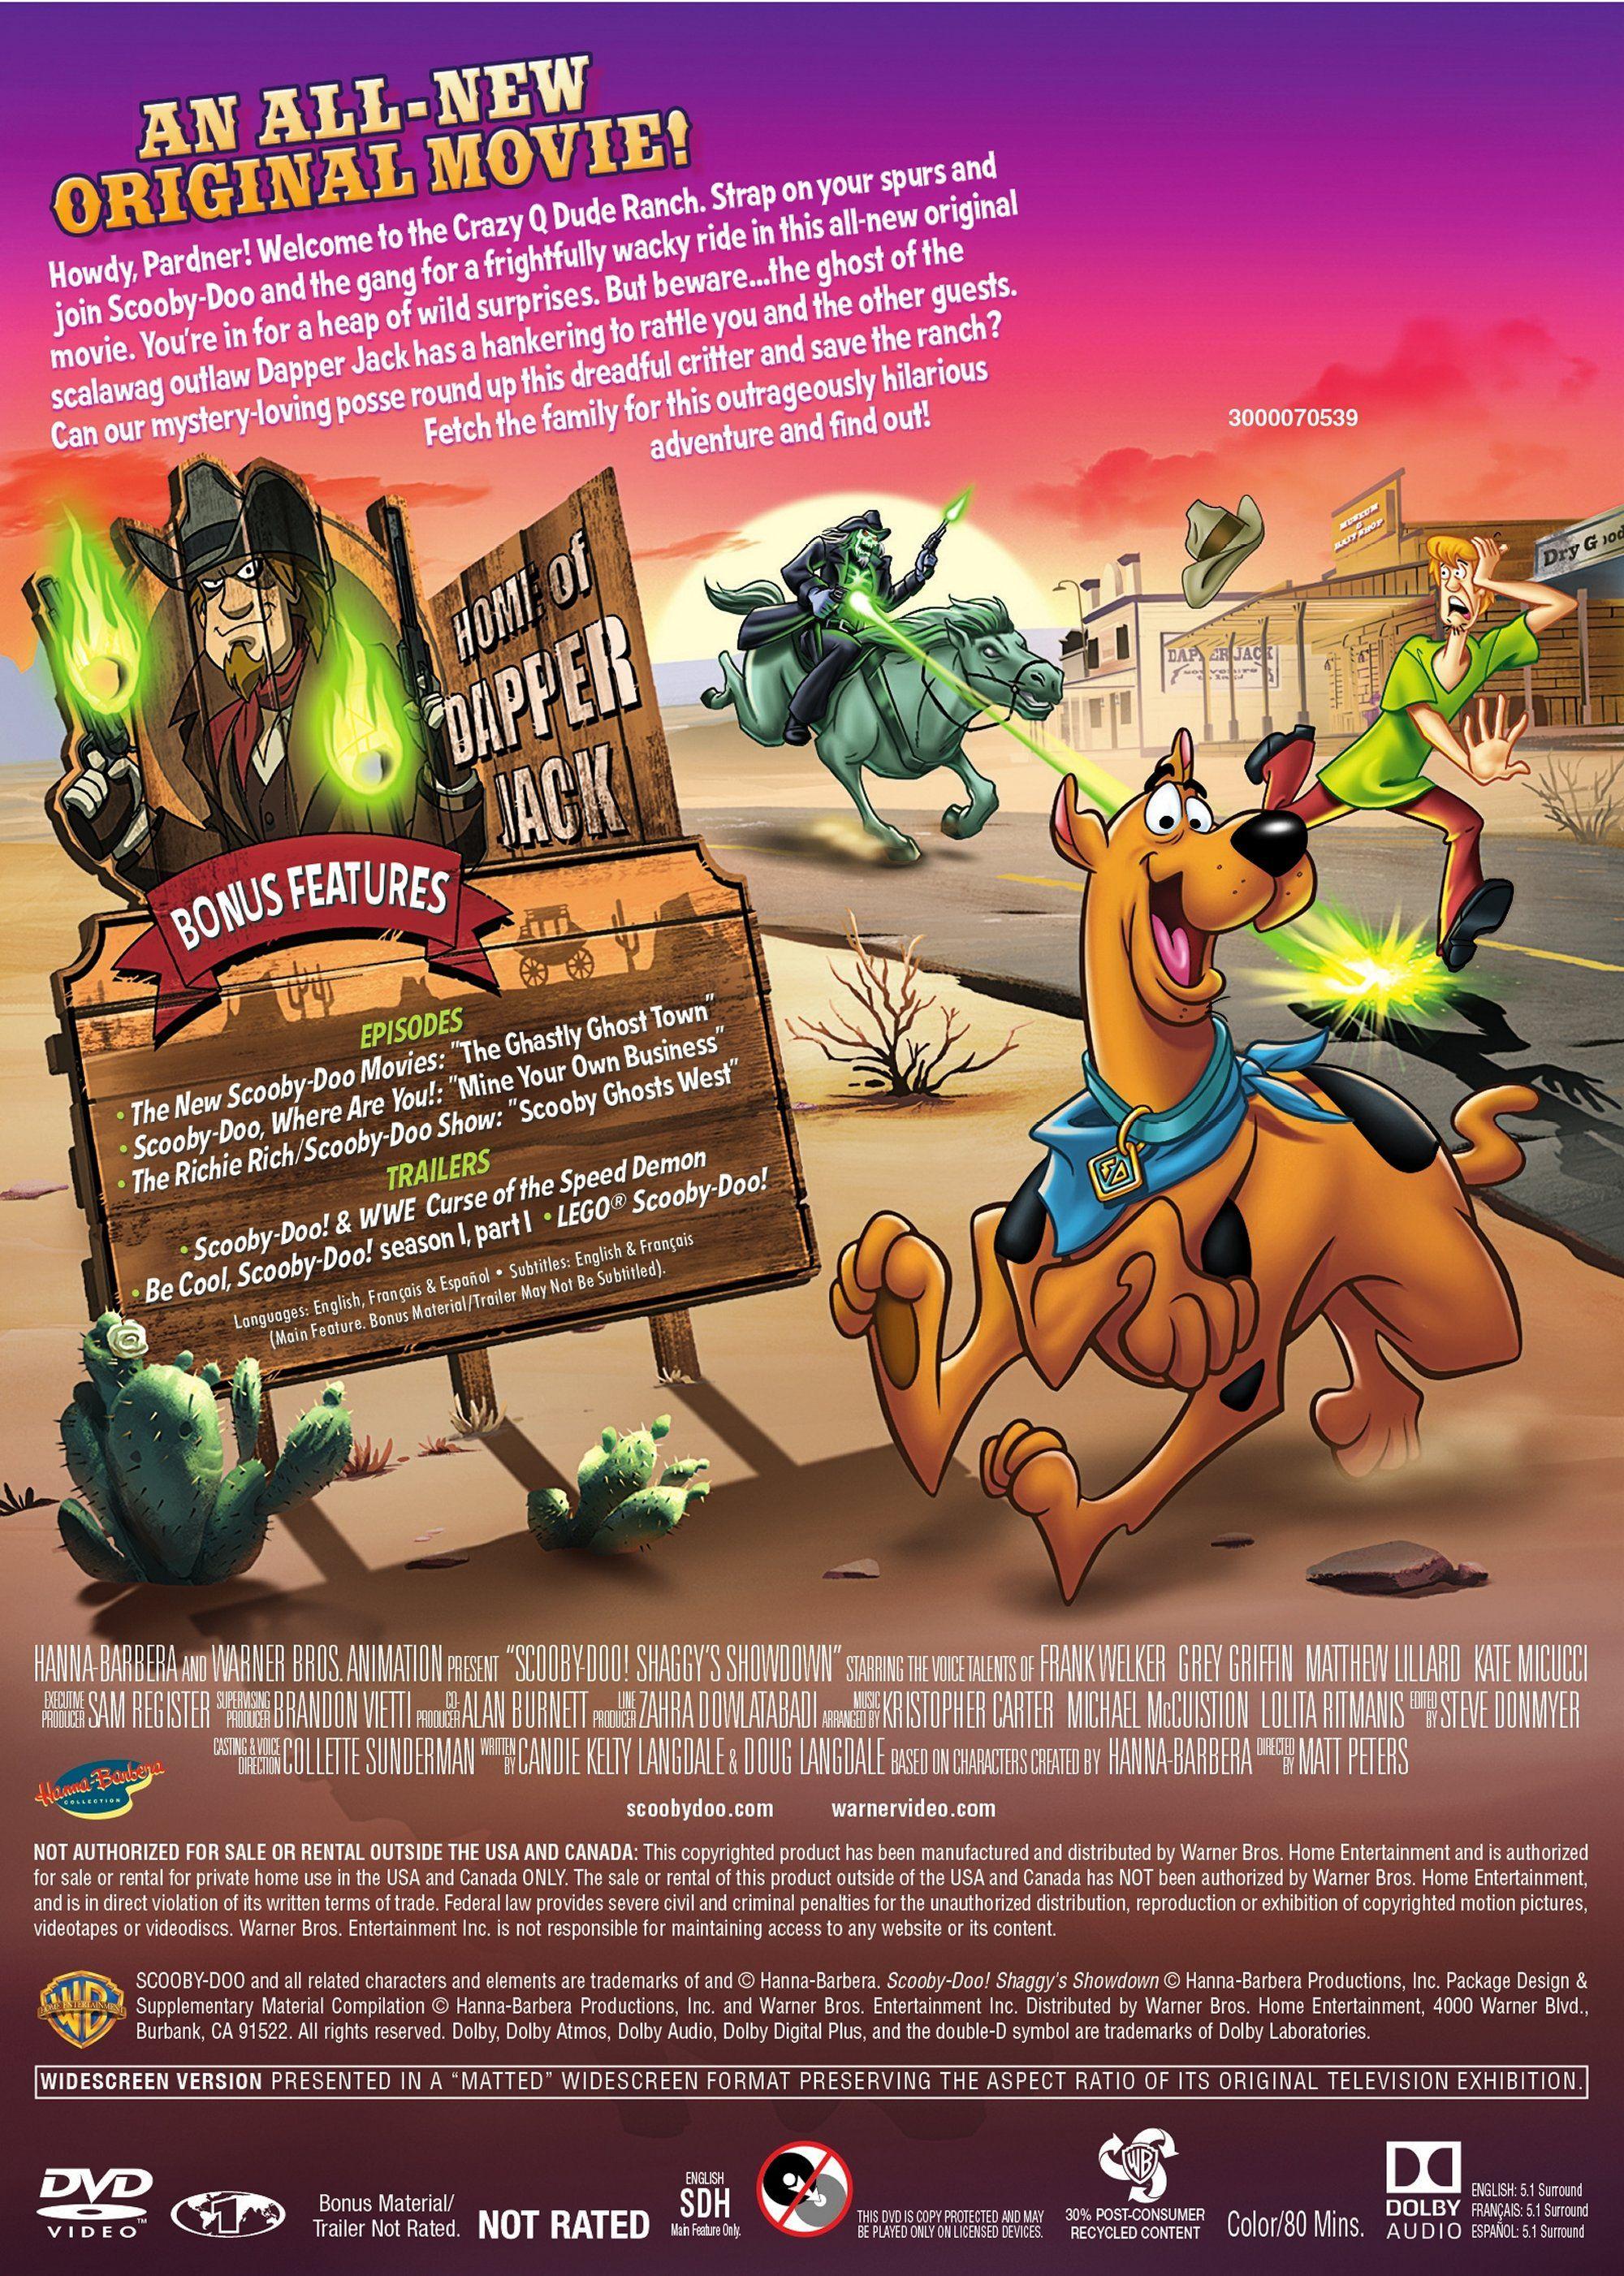 scooby doo dvd trailer